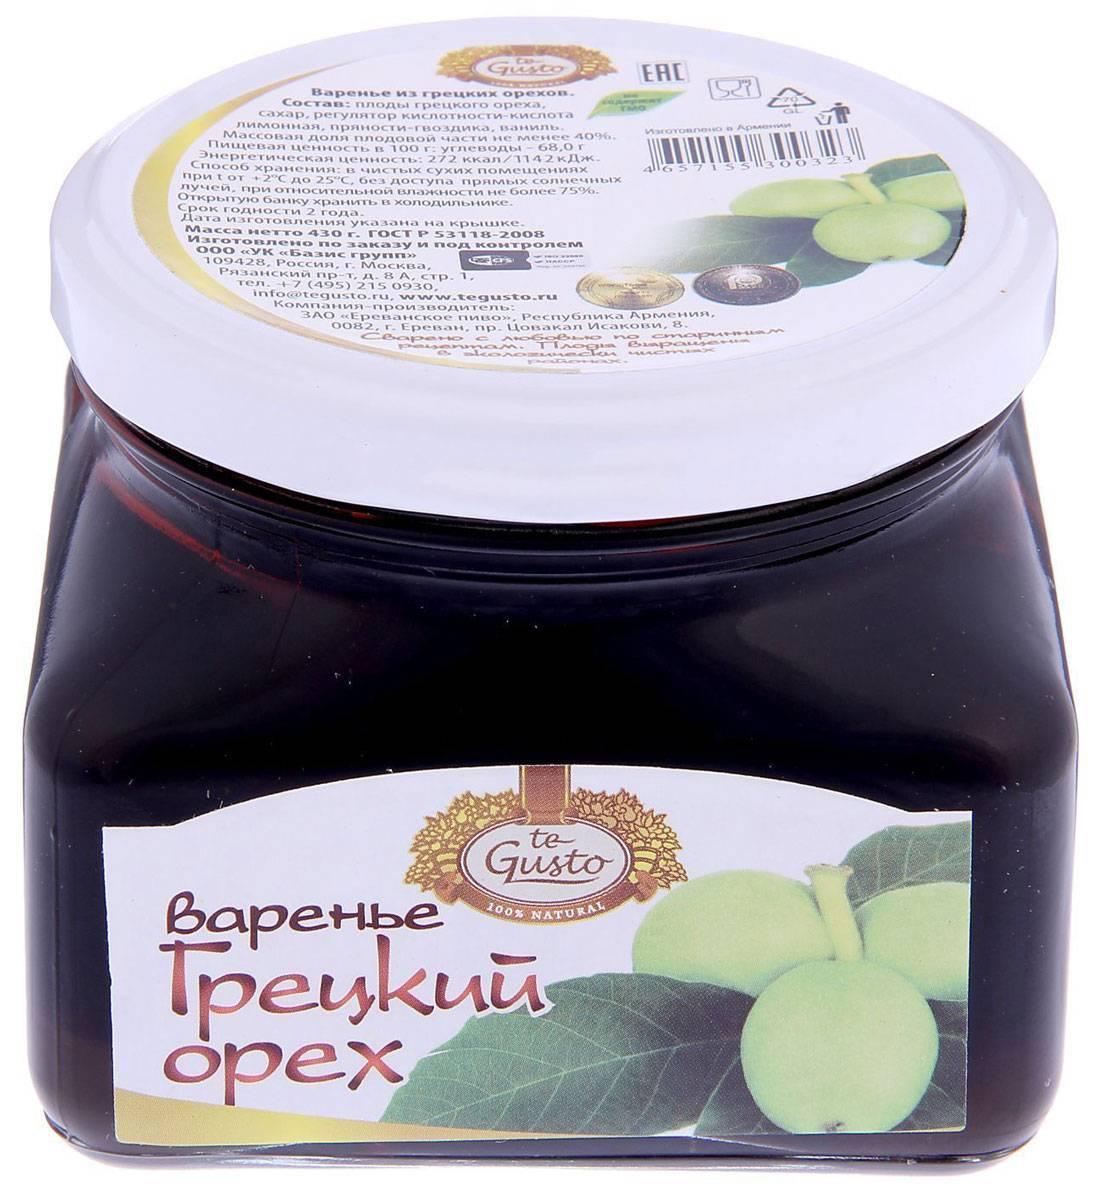 Топ 8 рецептов приготовления варенья из грецких орехов на зиму